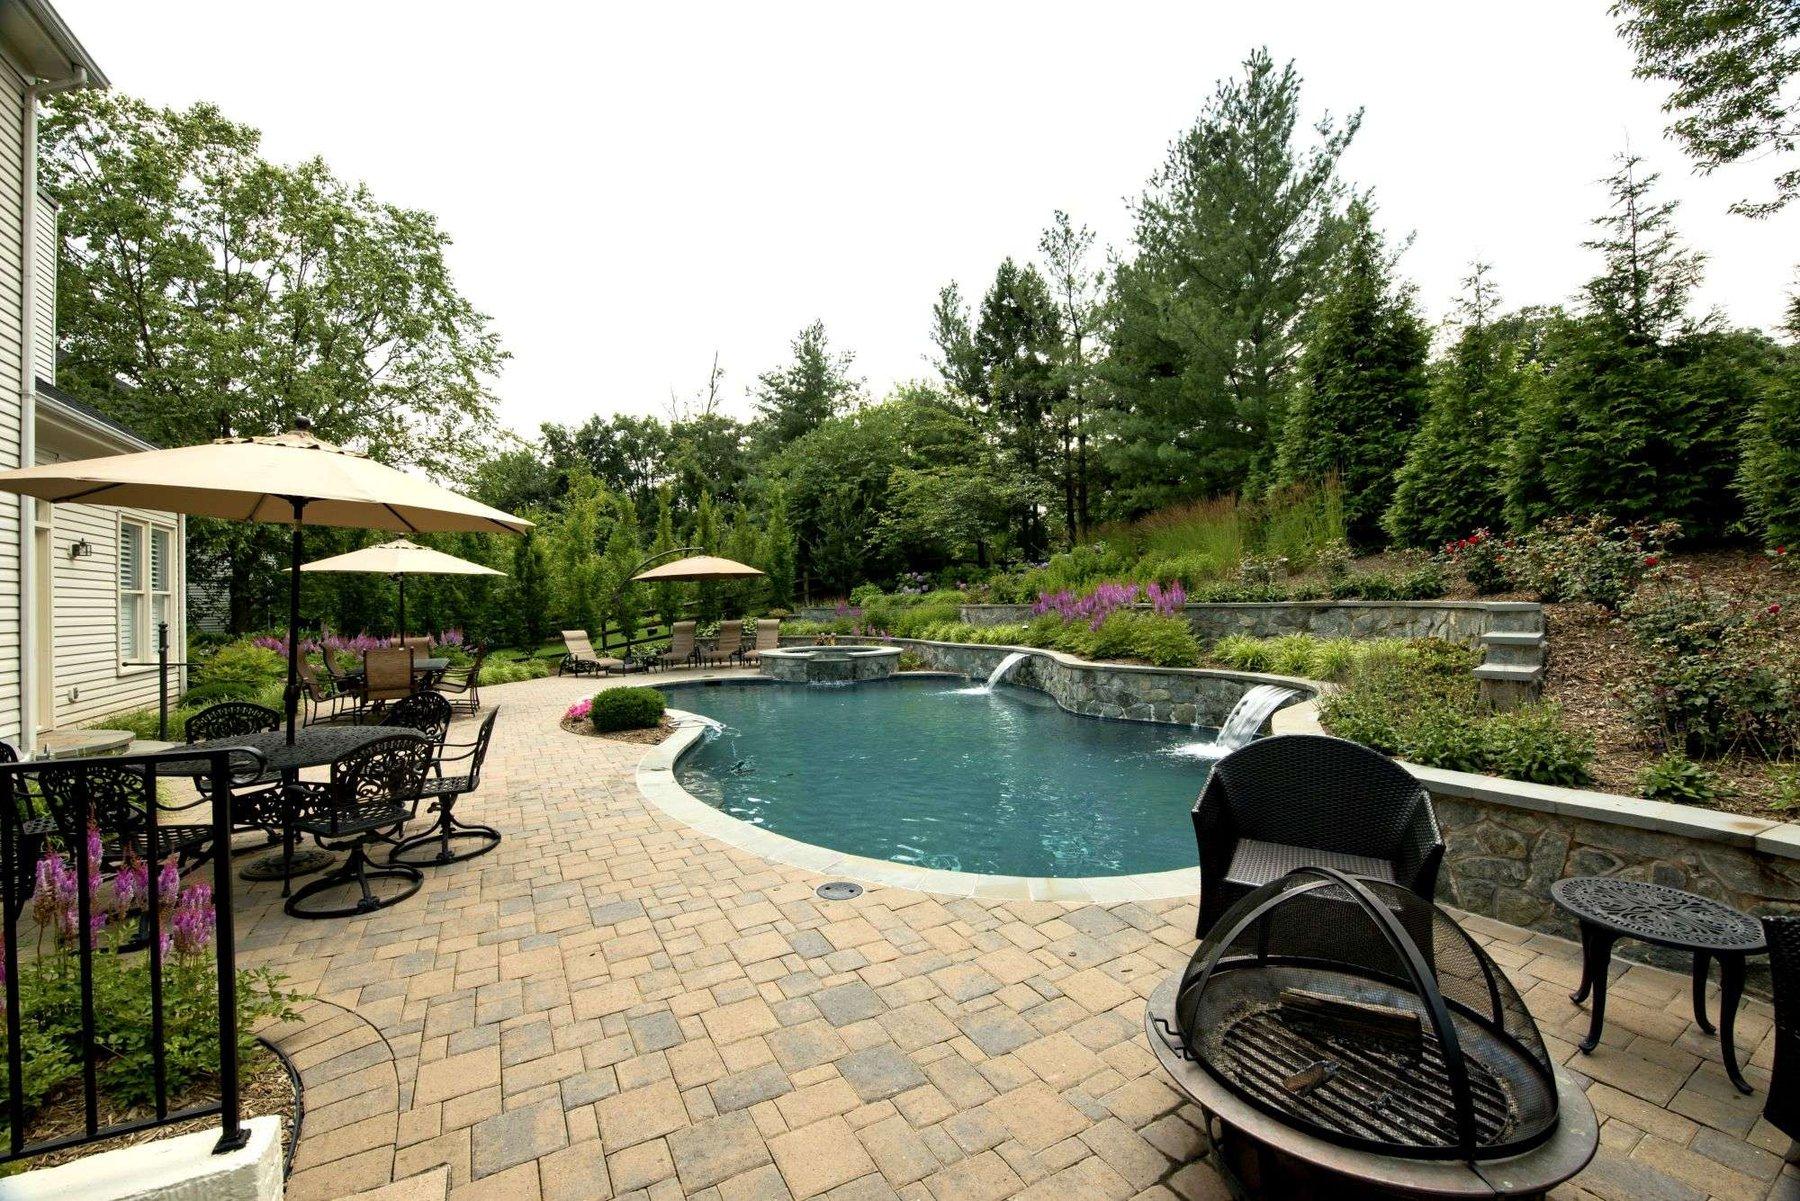 paver-patio-pool-hot-tub-waterfall